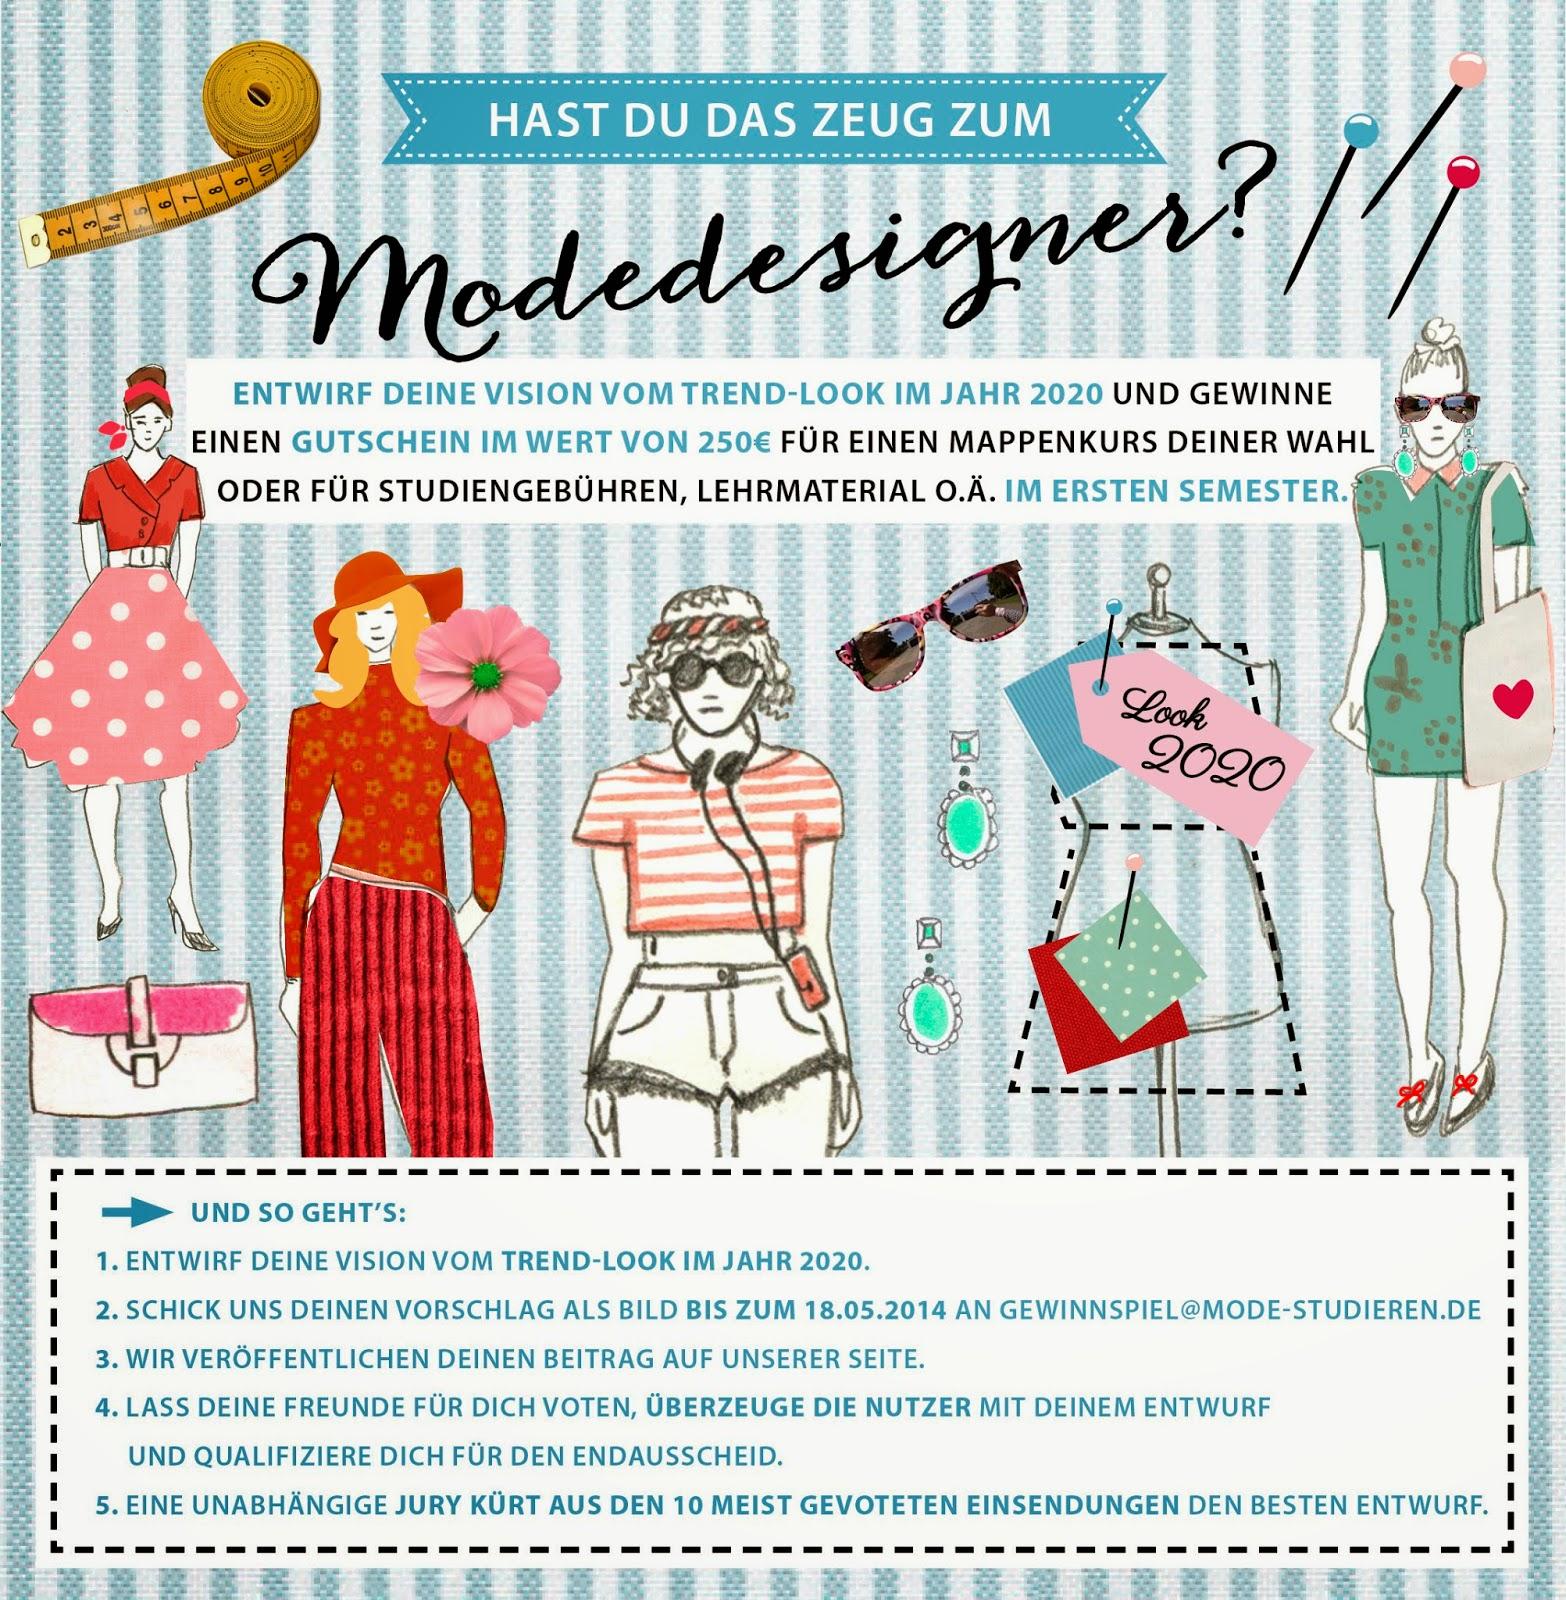 http://www.mode-studieren.de/gewinnspiel/